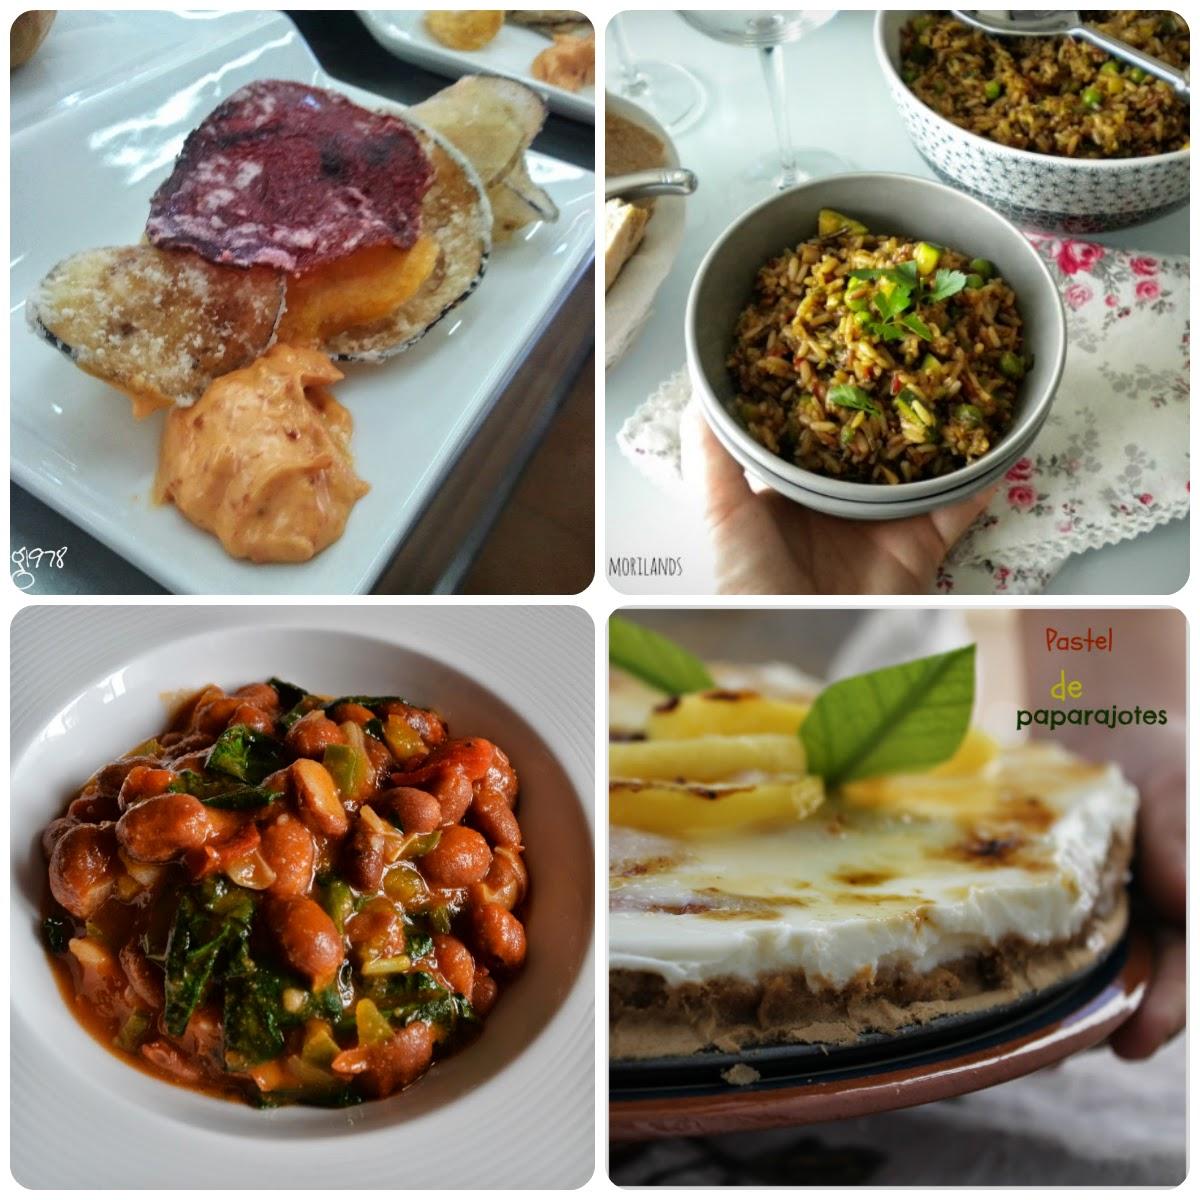 Platos del duodécimo Menú vegetariano con recetas de otros blogs.